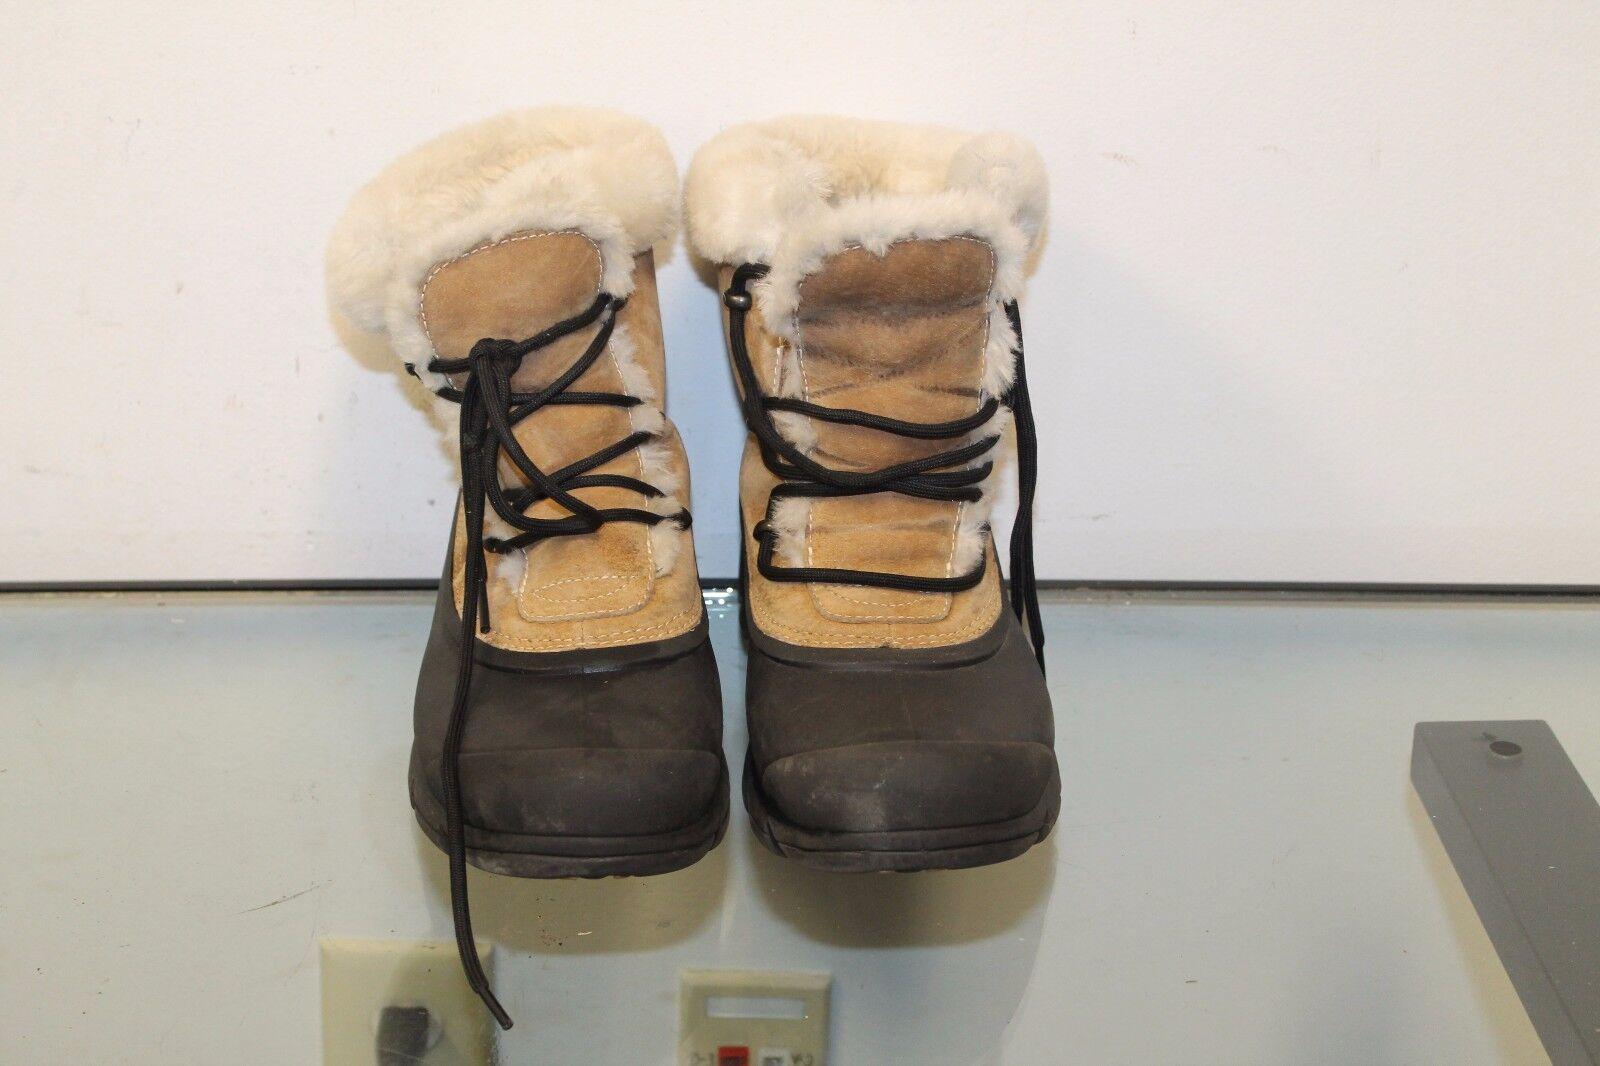 fino al 50% di sconto Sorel Snow Snow Snow Bird Ladies Suede Leather scarpe Thinsulate stivali Sports USA Dimensione 9.5  design unico